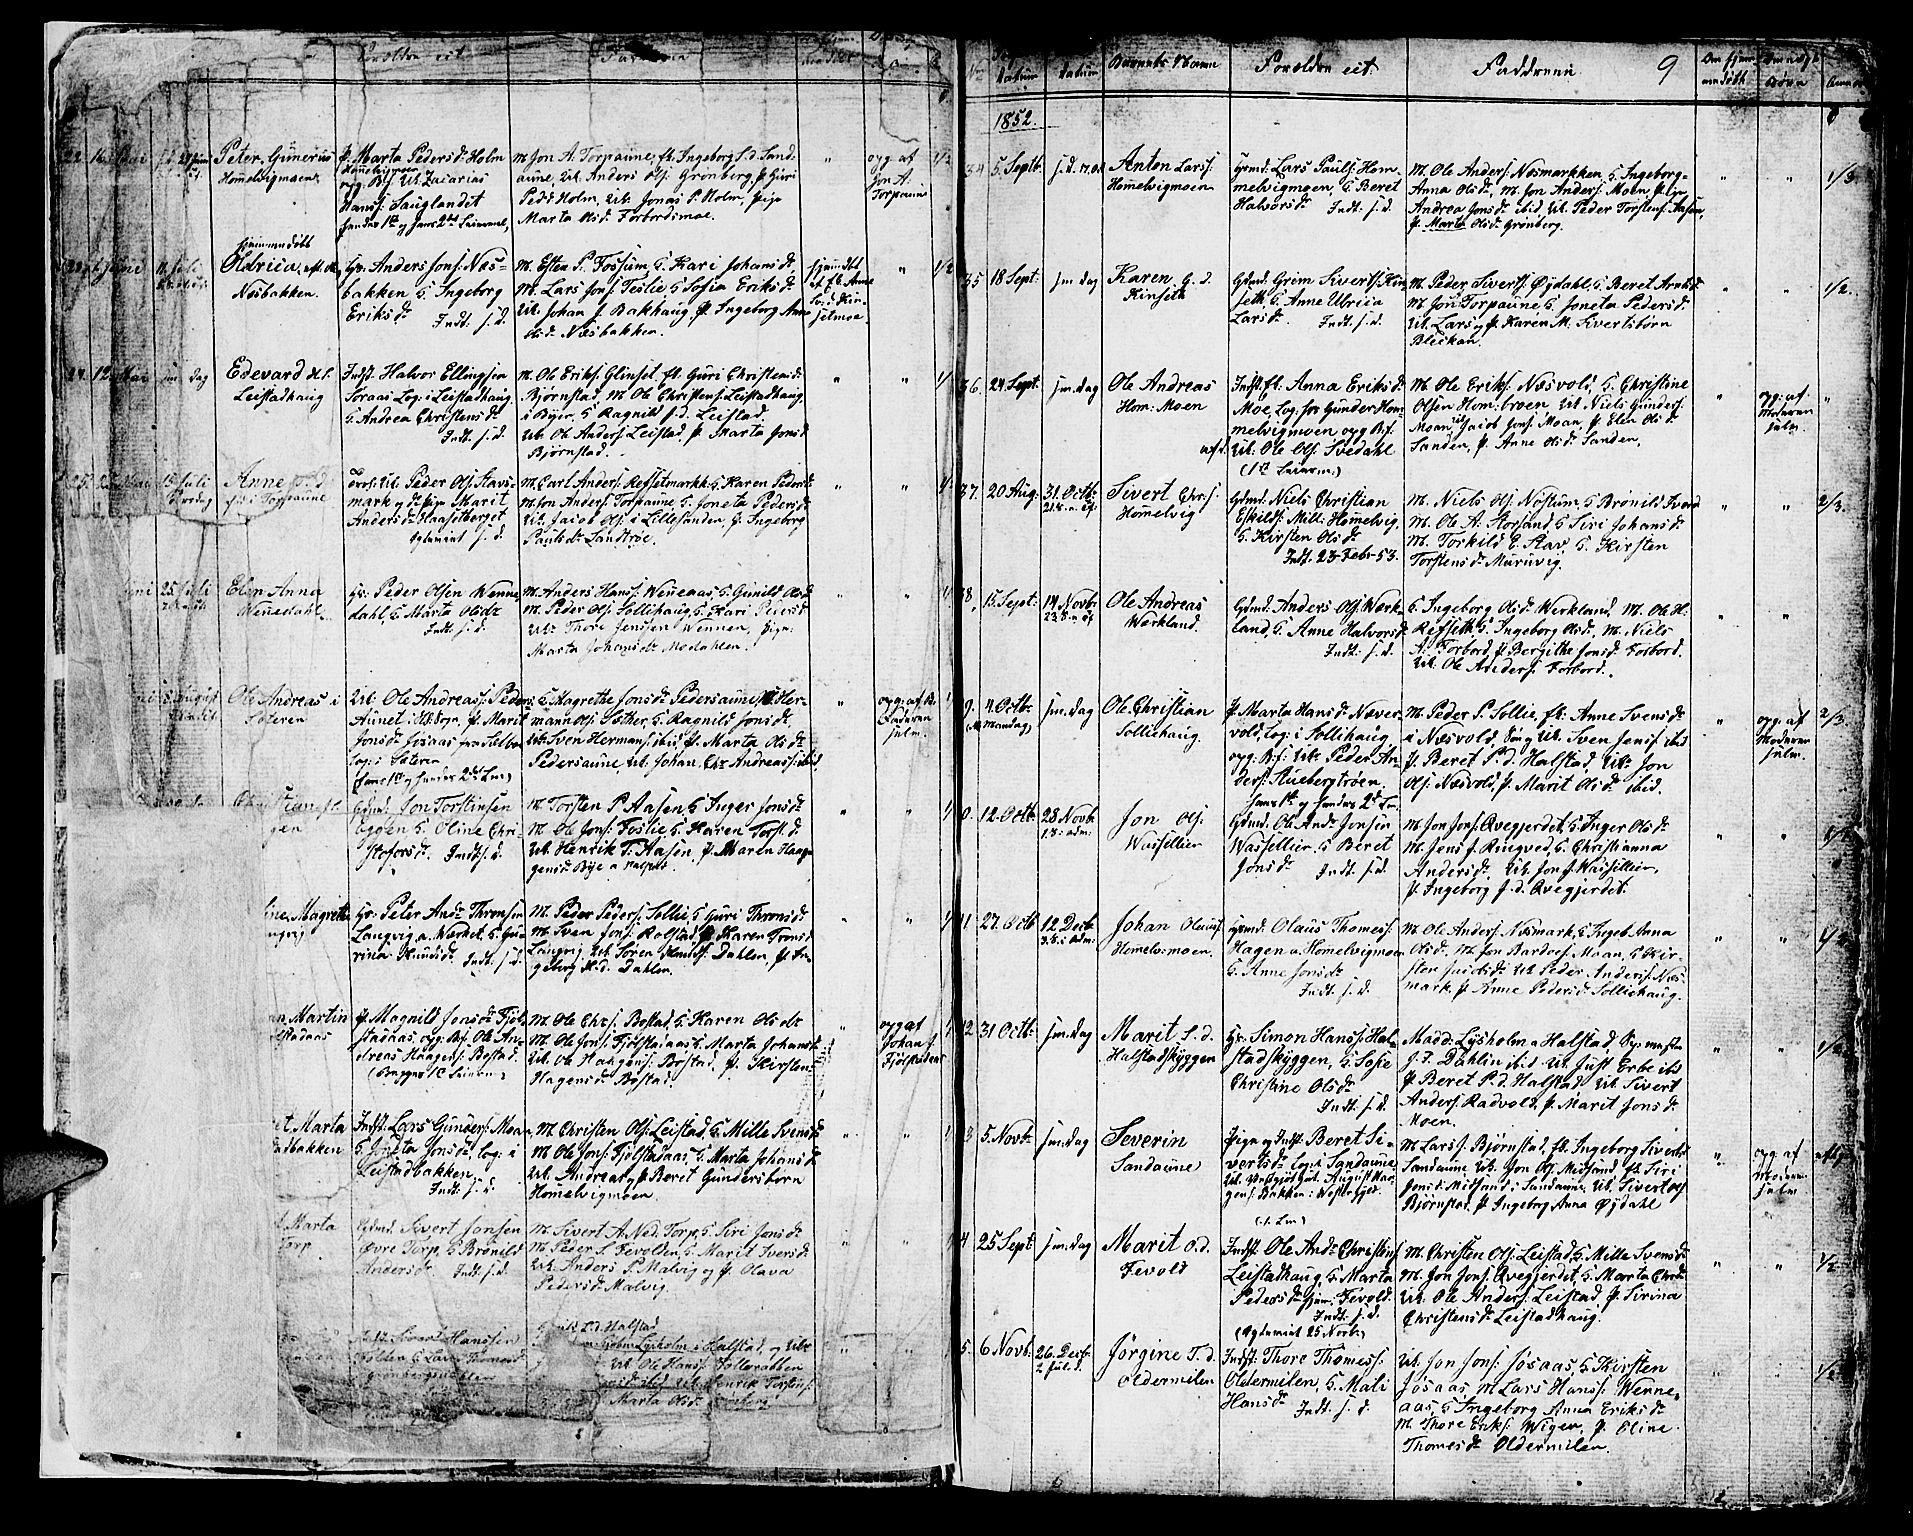 SAT, Ministerialprotokoller, klokkerbøker og fødselsregistre - Sør-Trøndelag, 616/L0422: Klokkerbok nr. 616C05, 1850-1888, s. 7